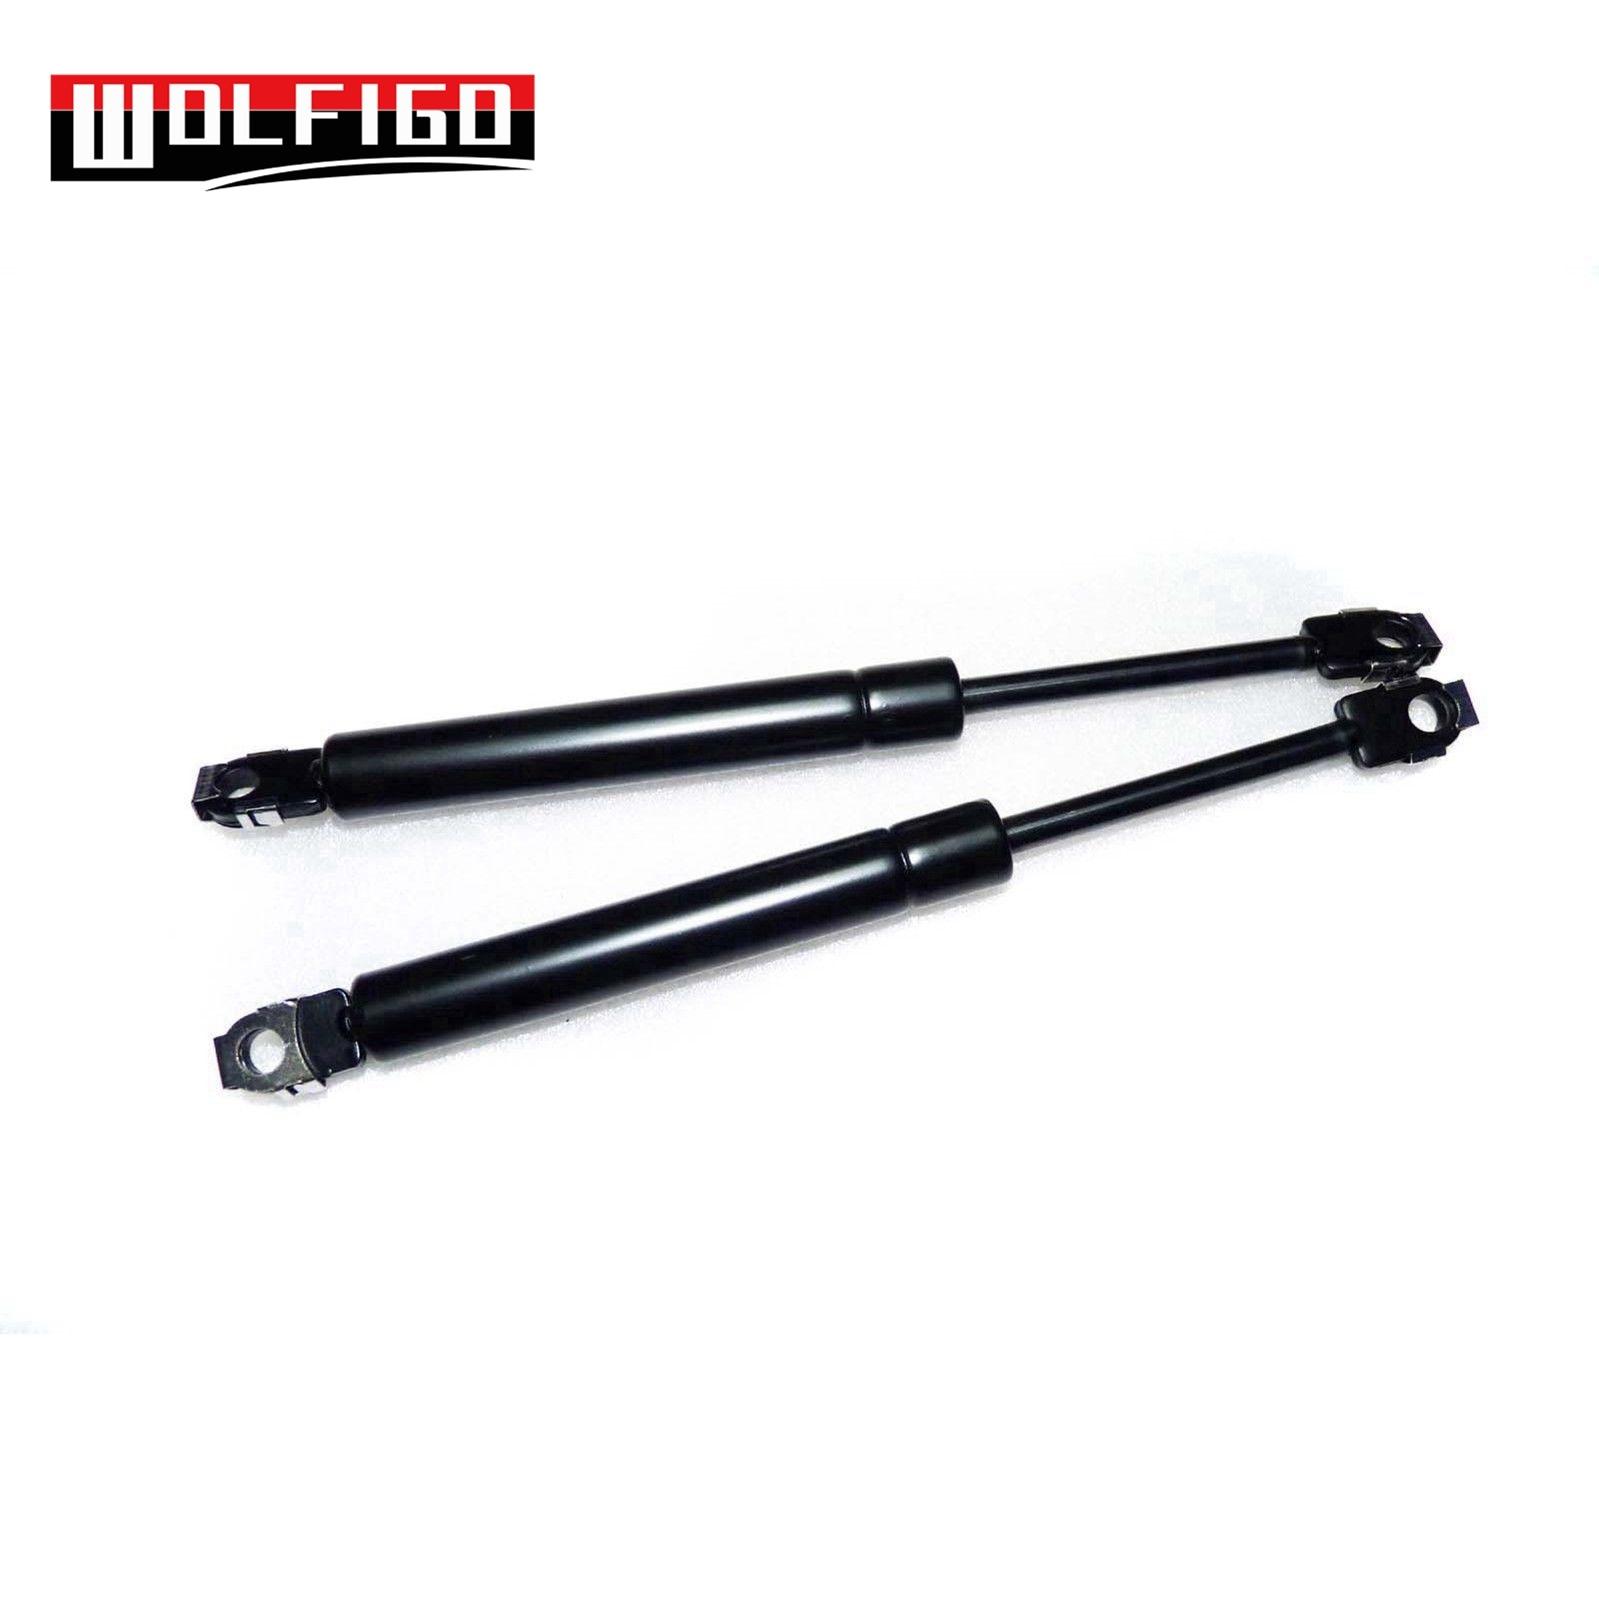 WOLFIGO 1 pièce/2 pièces capot avant choc gaz pressurisé Support amortisseur jambe de force couvercle pour BMW 5 E34 51231944119